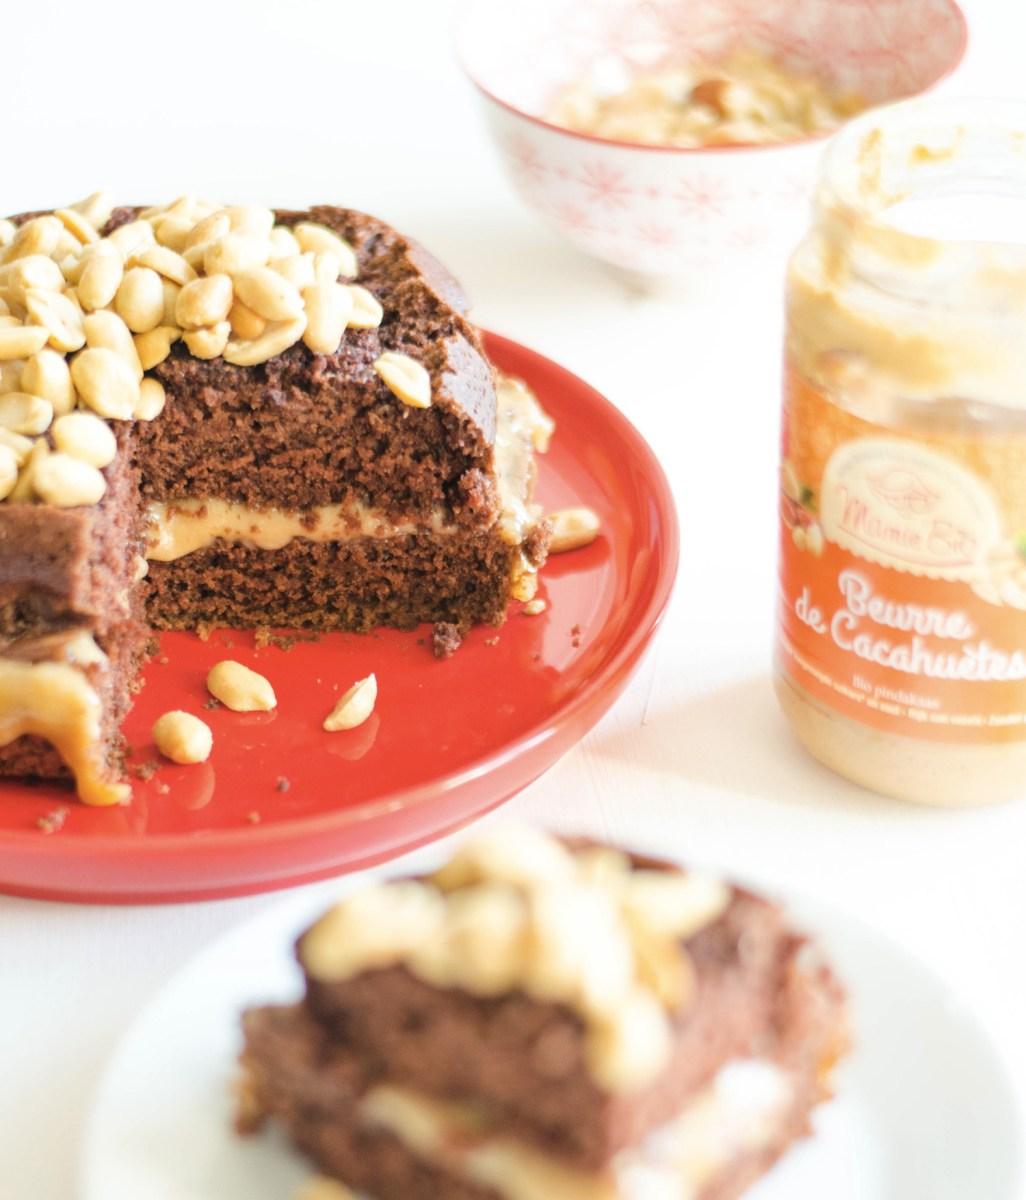 Recette gâteau au chocolat & peanut butter végane et sans gluten